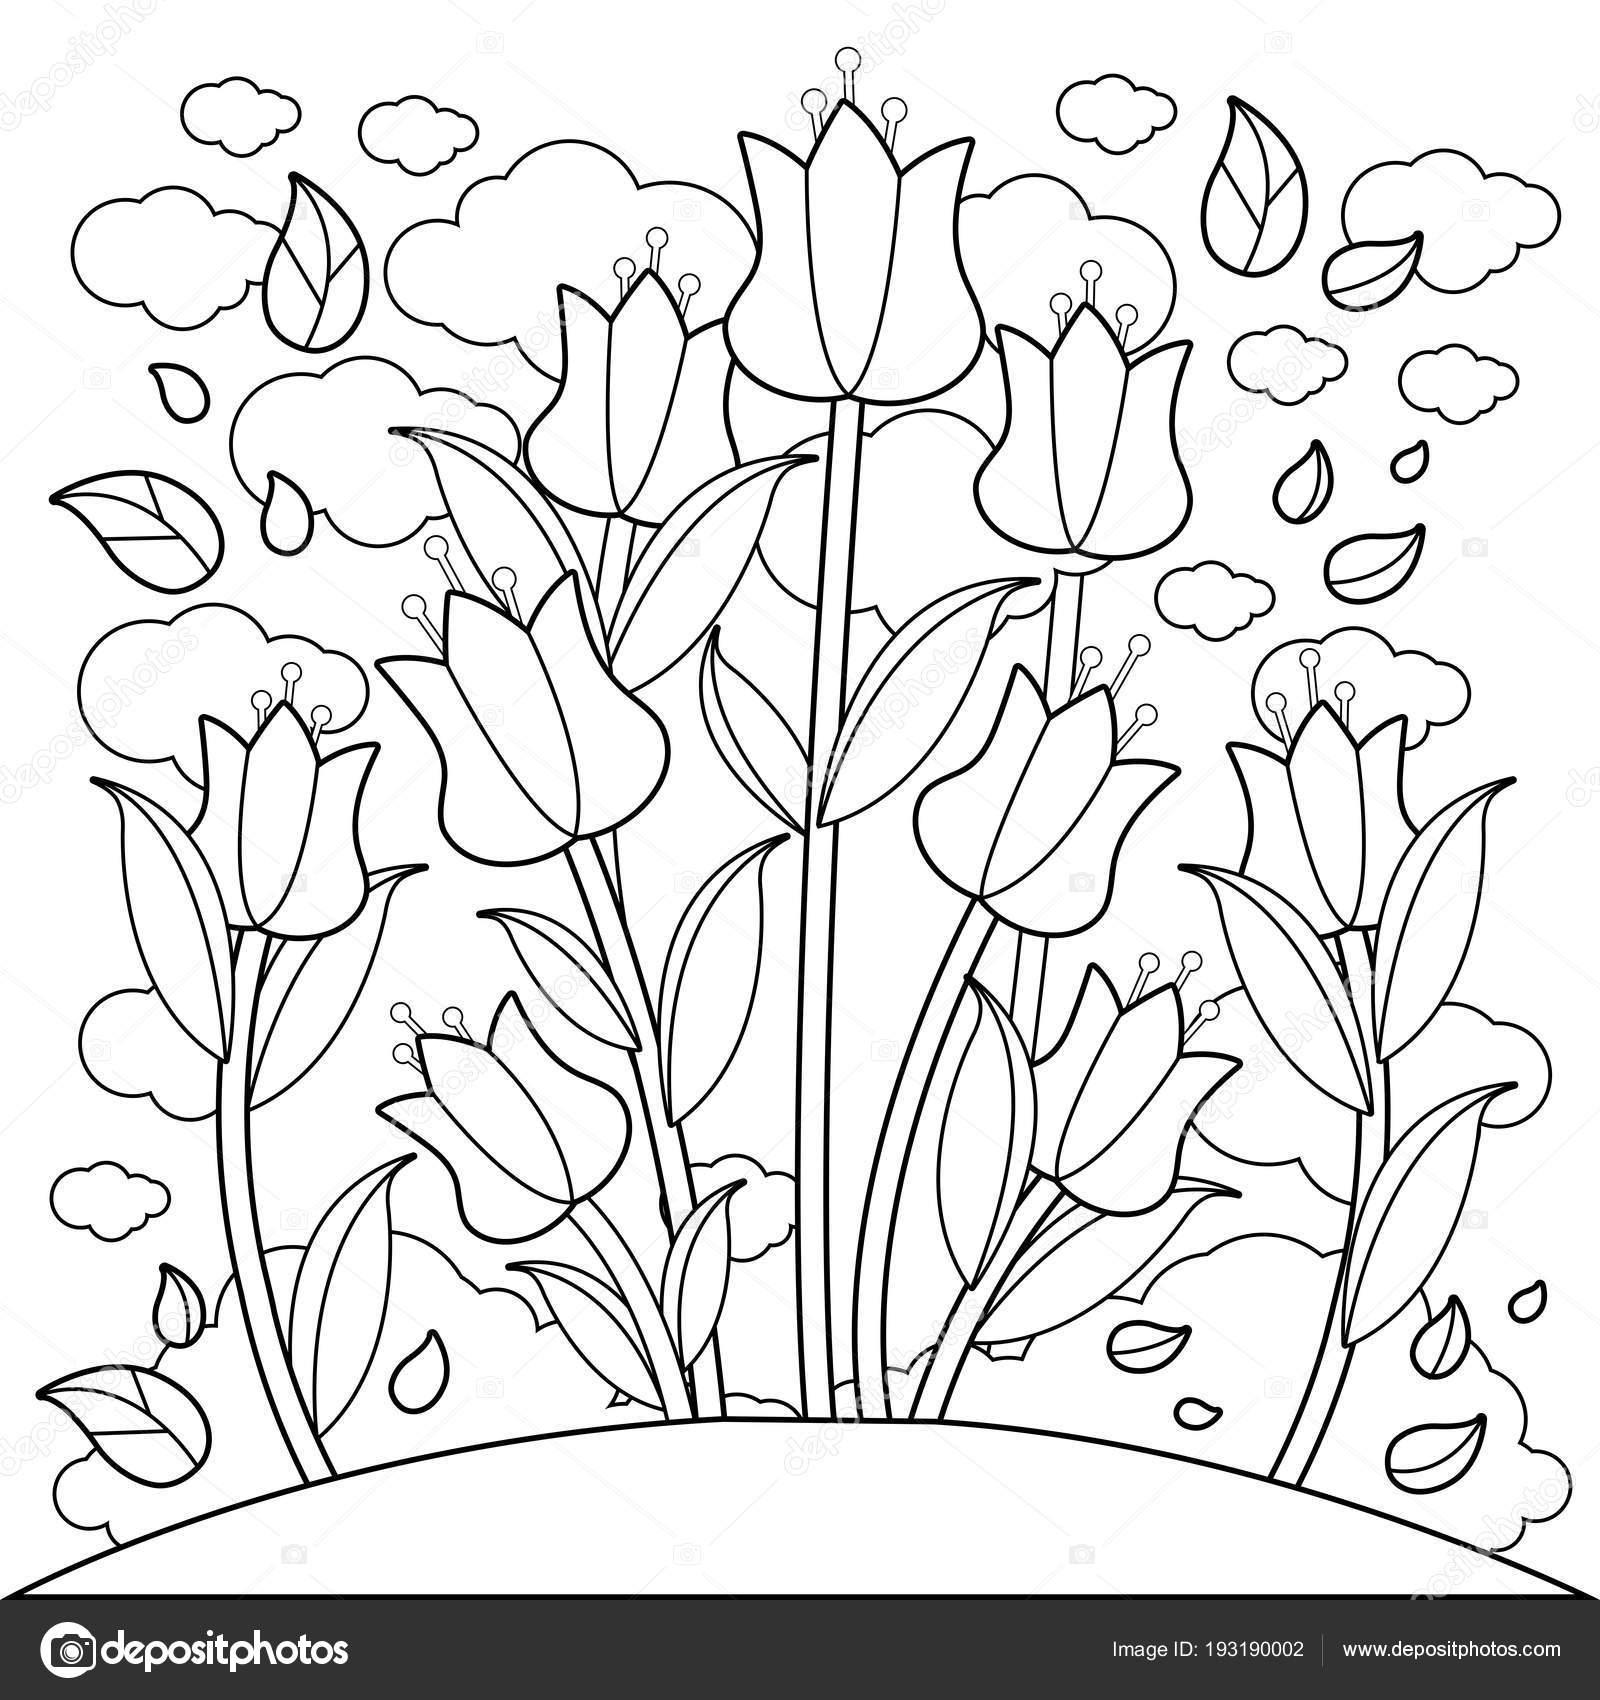 Kleurplaten Bloemen Tulpen.Tulp Bloemen Boek Kleurplaat Stockvector C Stockakia 193190002